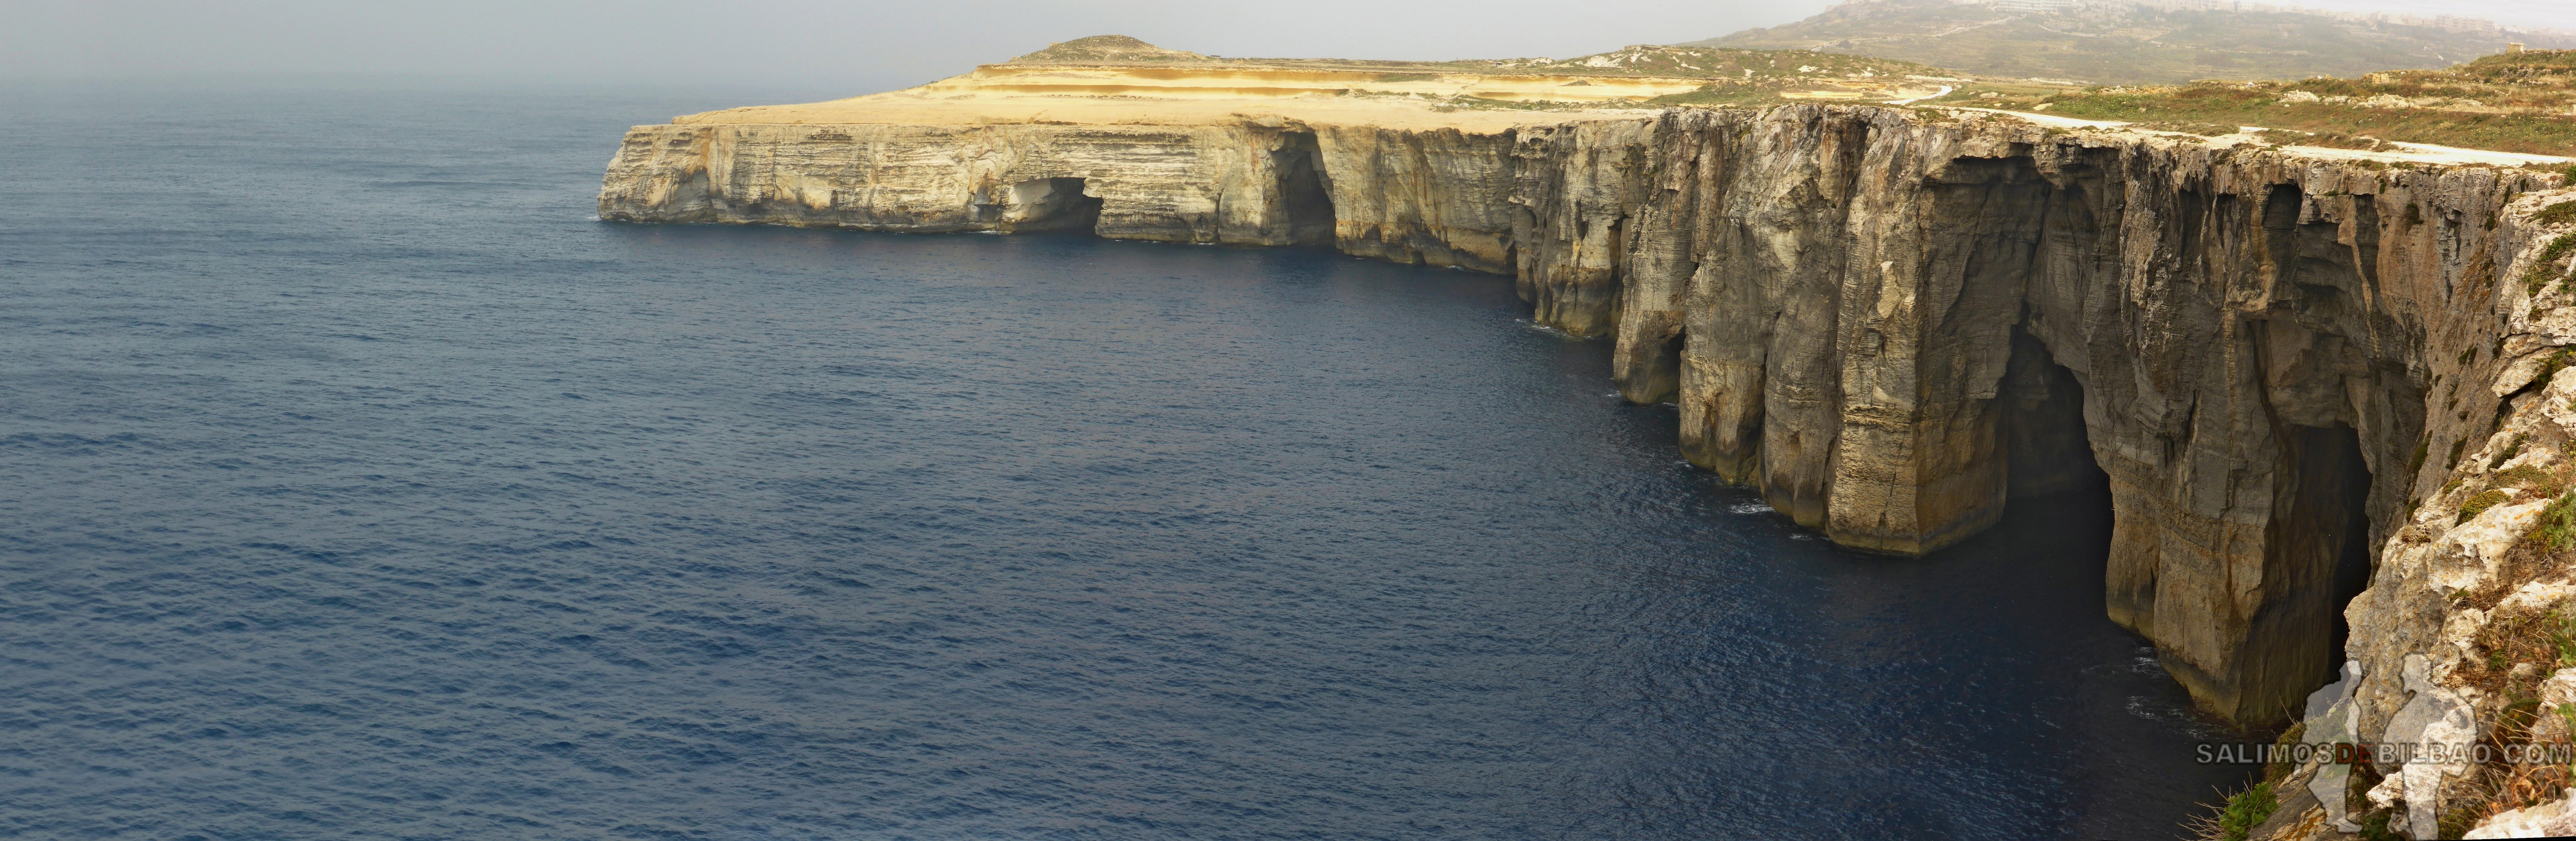 0386. Pano, Acantilados, Gozo